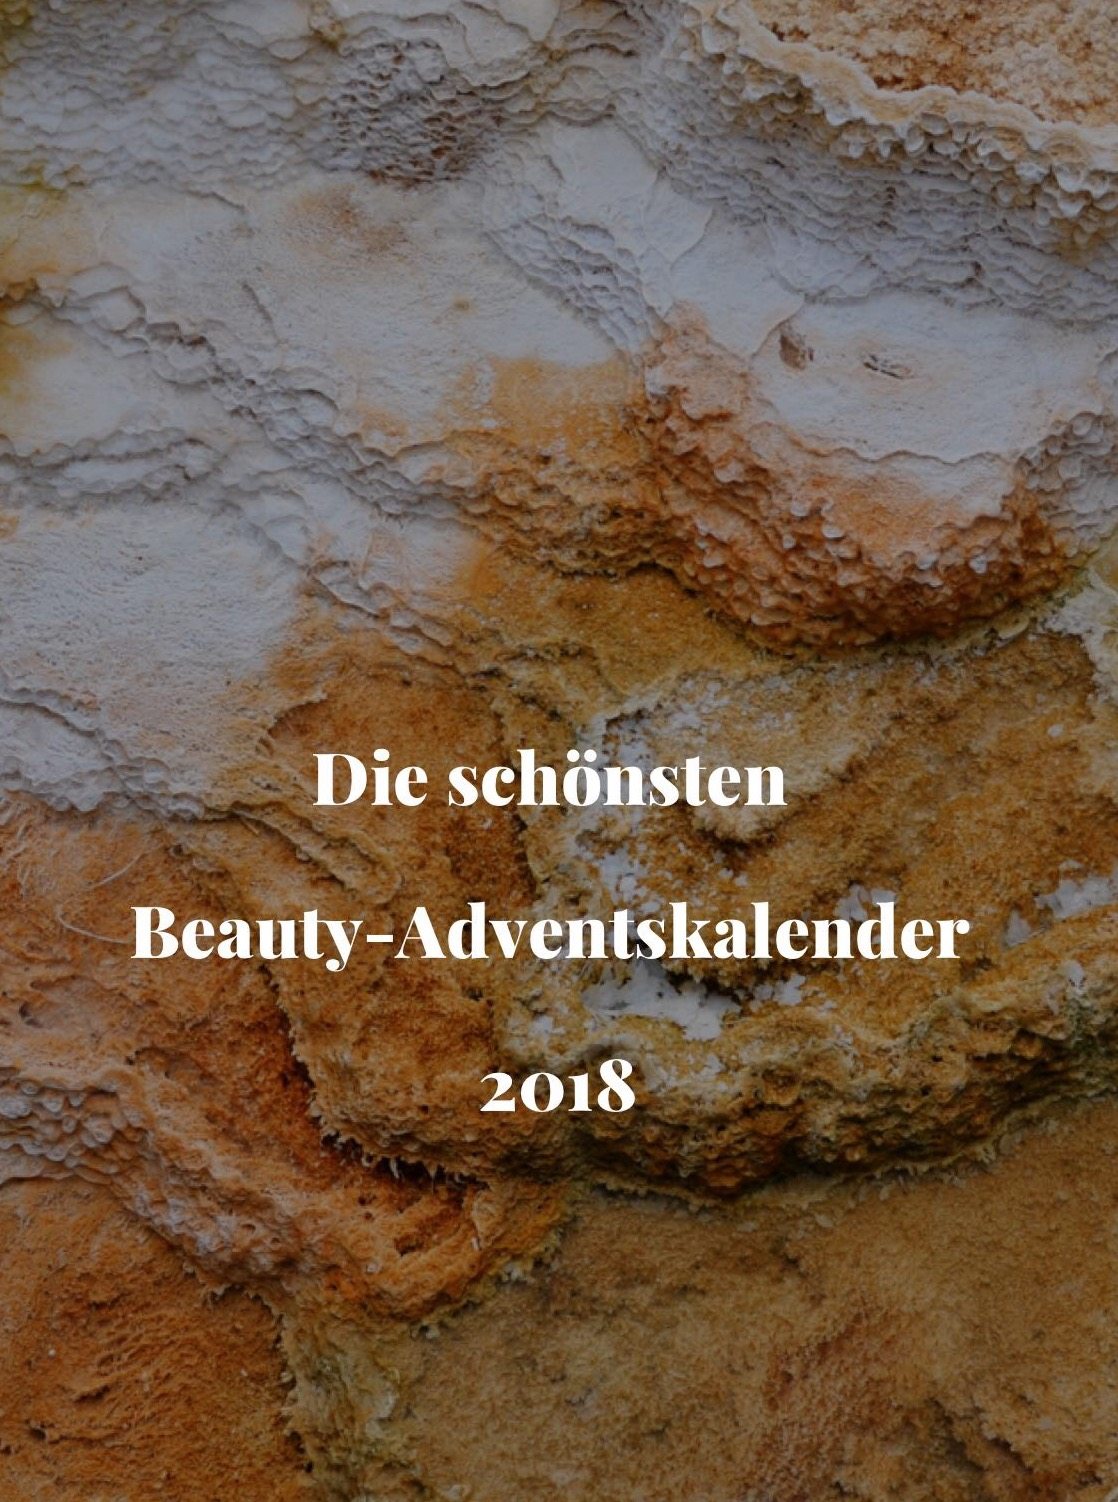 Beautyblog die schönsten Beauty-Adventskalender